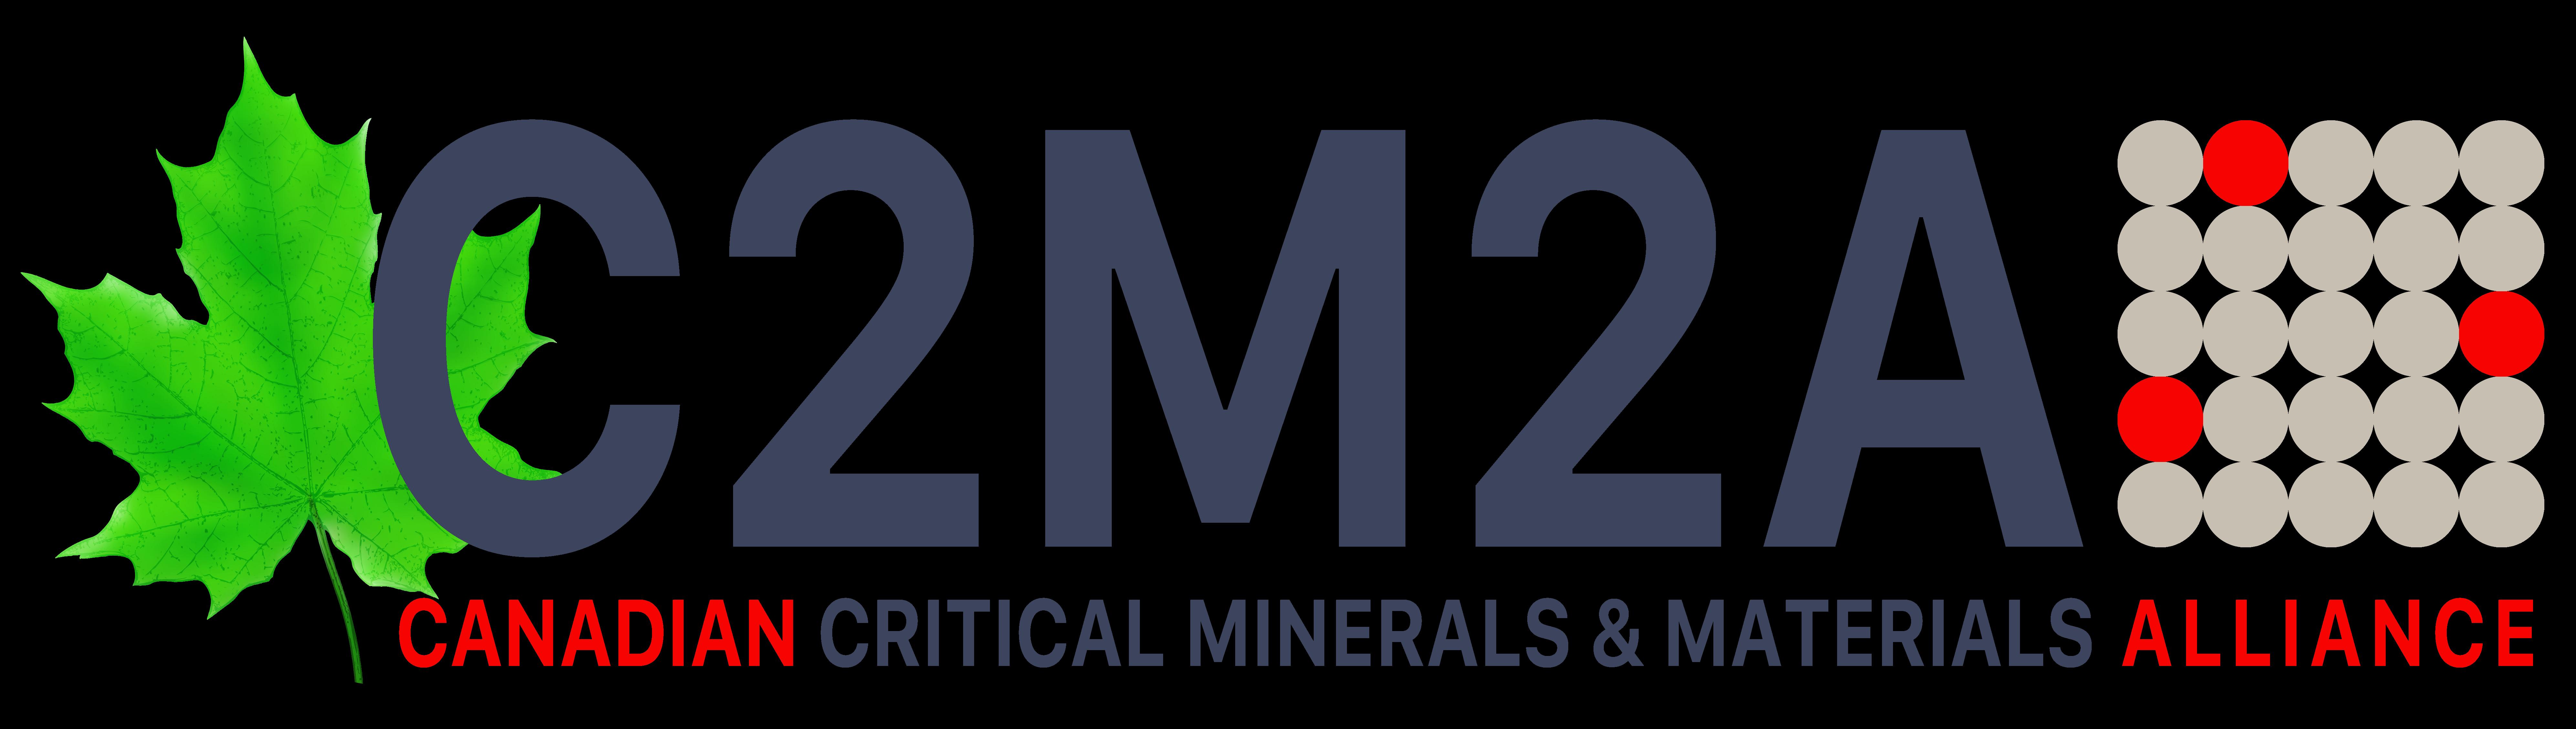 c2m2a.org